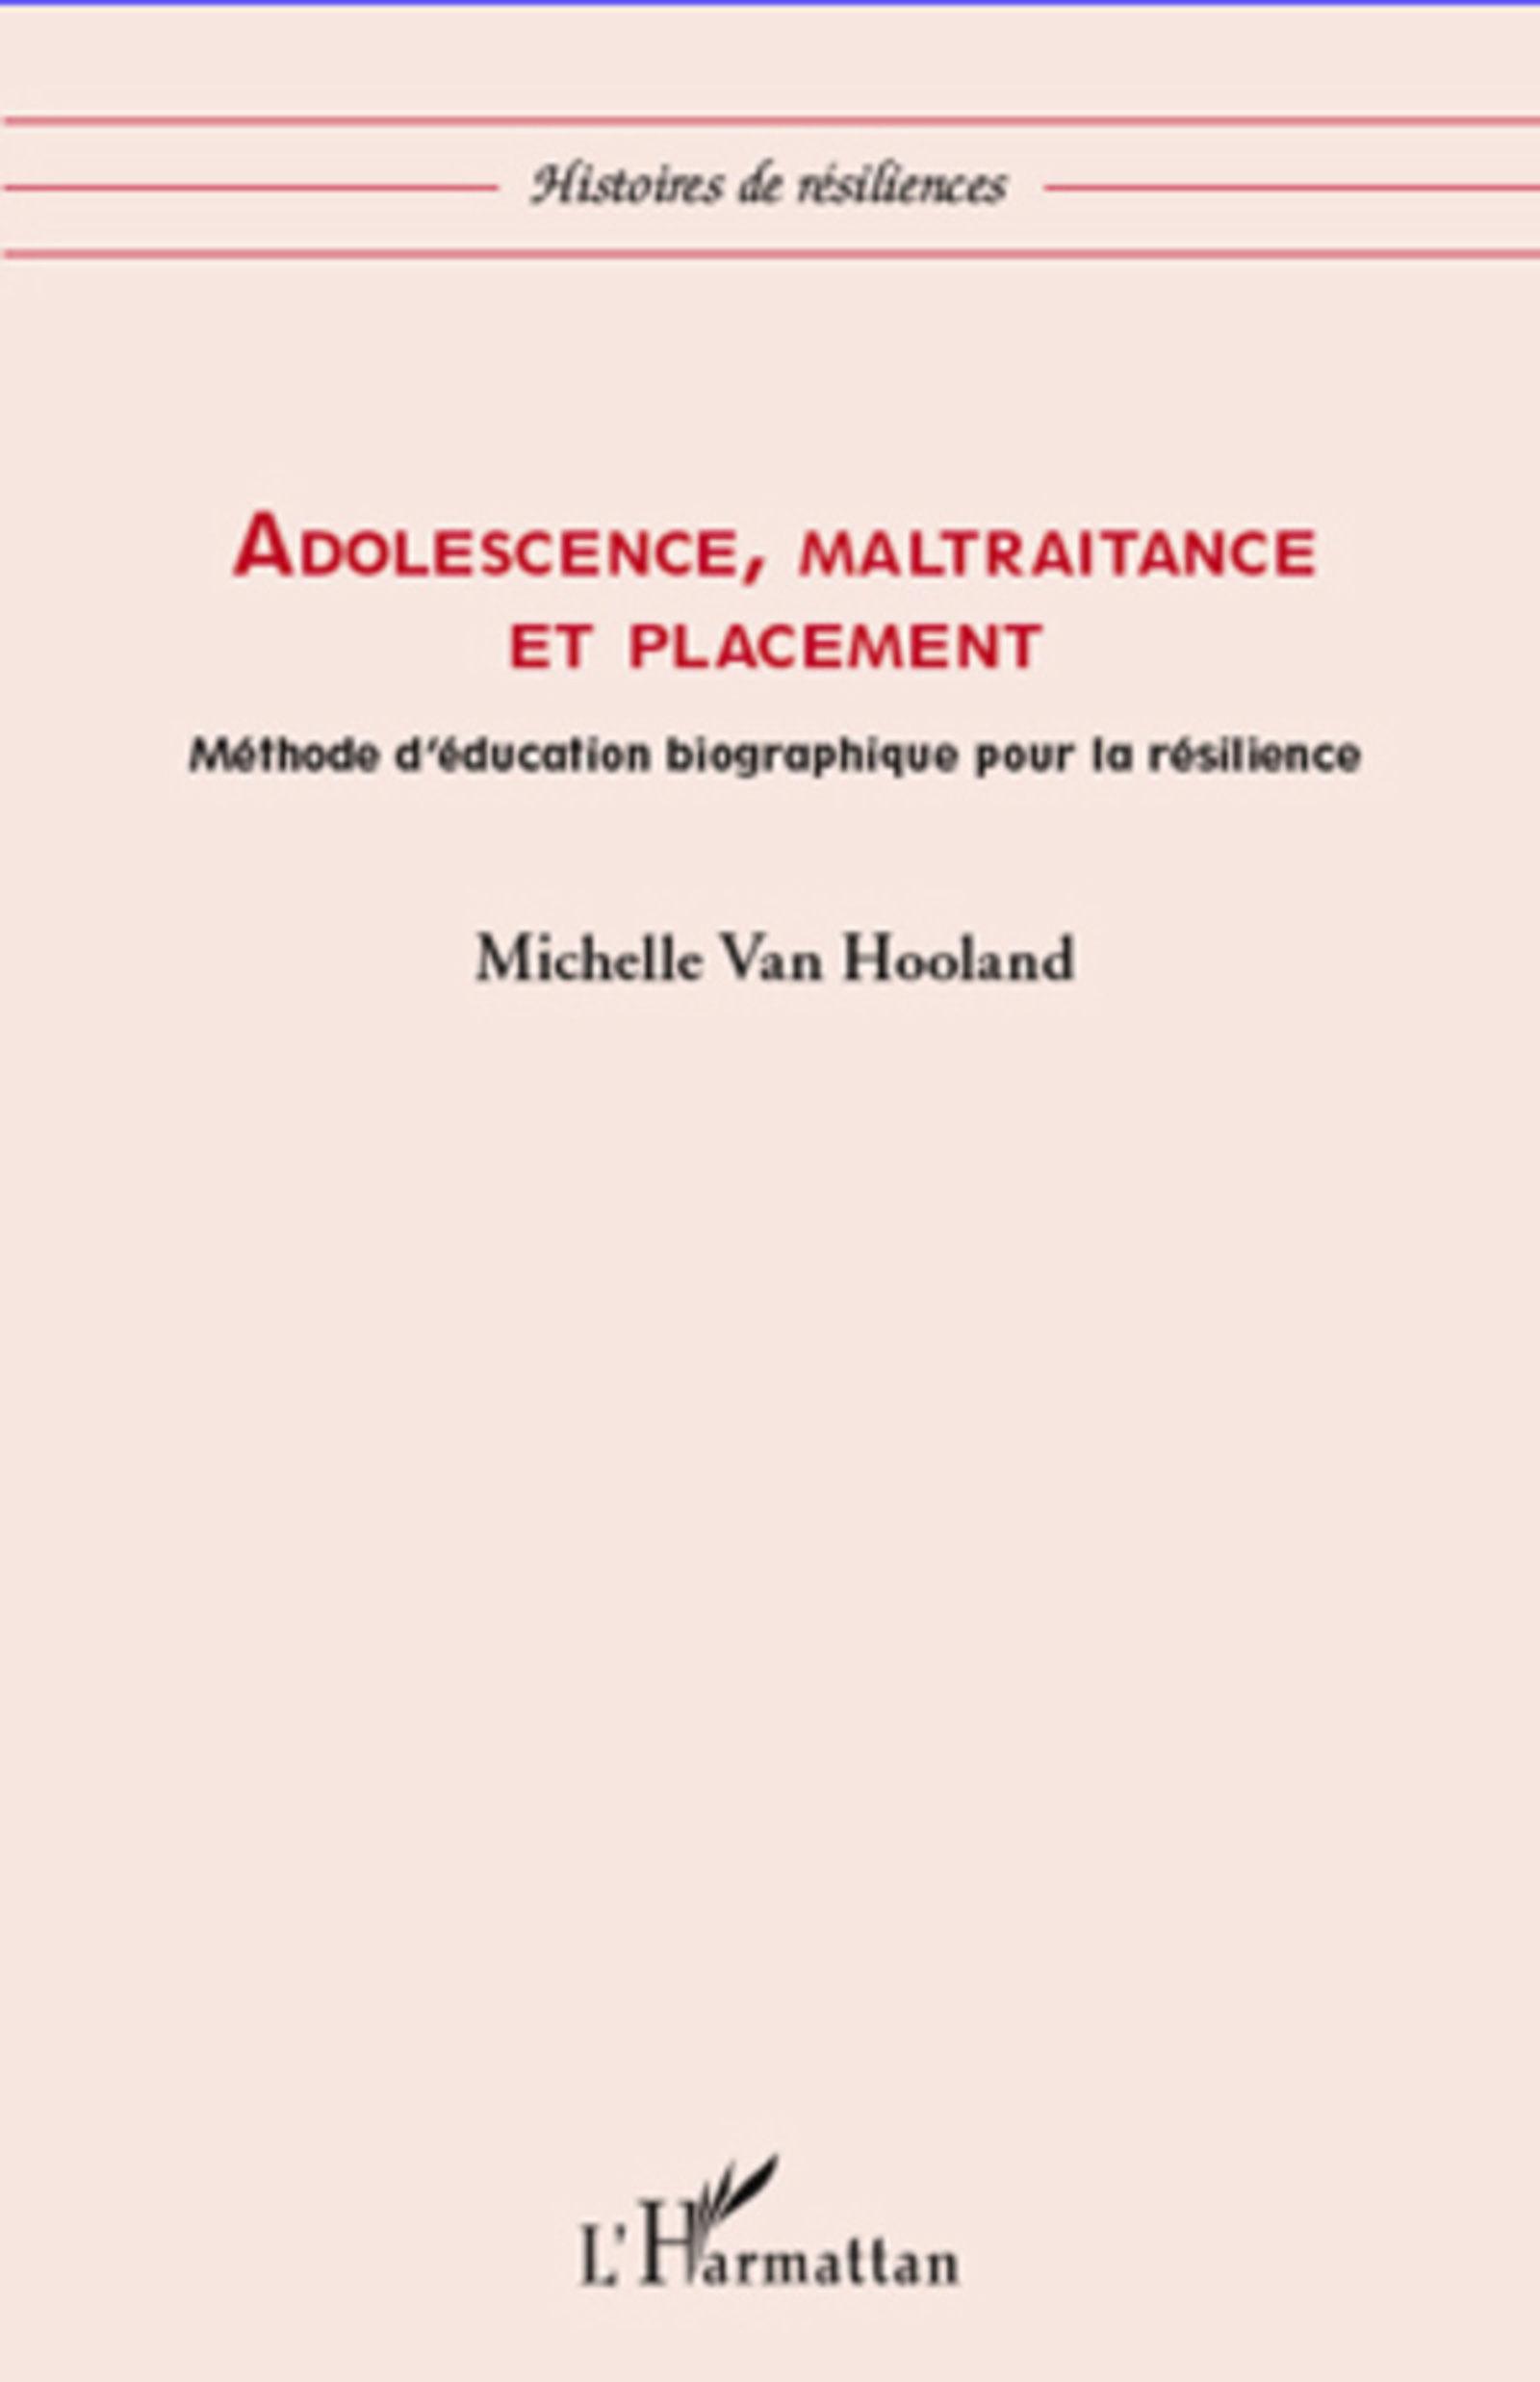 adolescence maltraitance et placement m thode d 39 ducation biographique pour la r silience. Black Bedroom Furniture Sets. Home Design Ideas